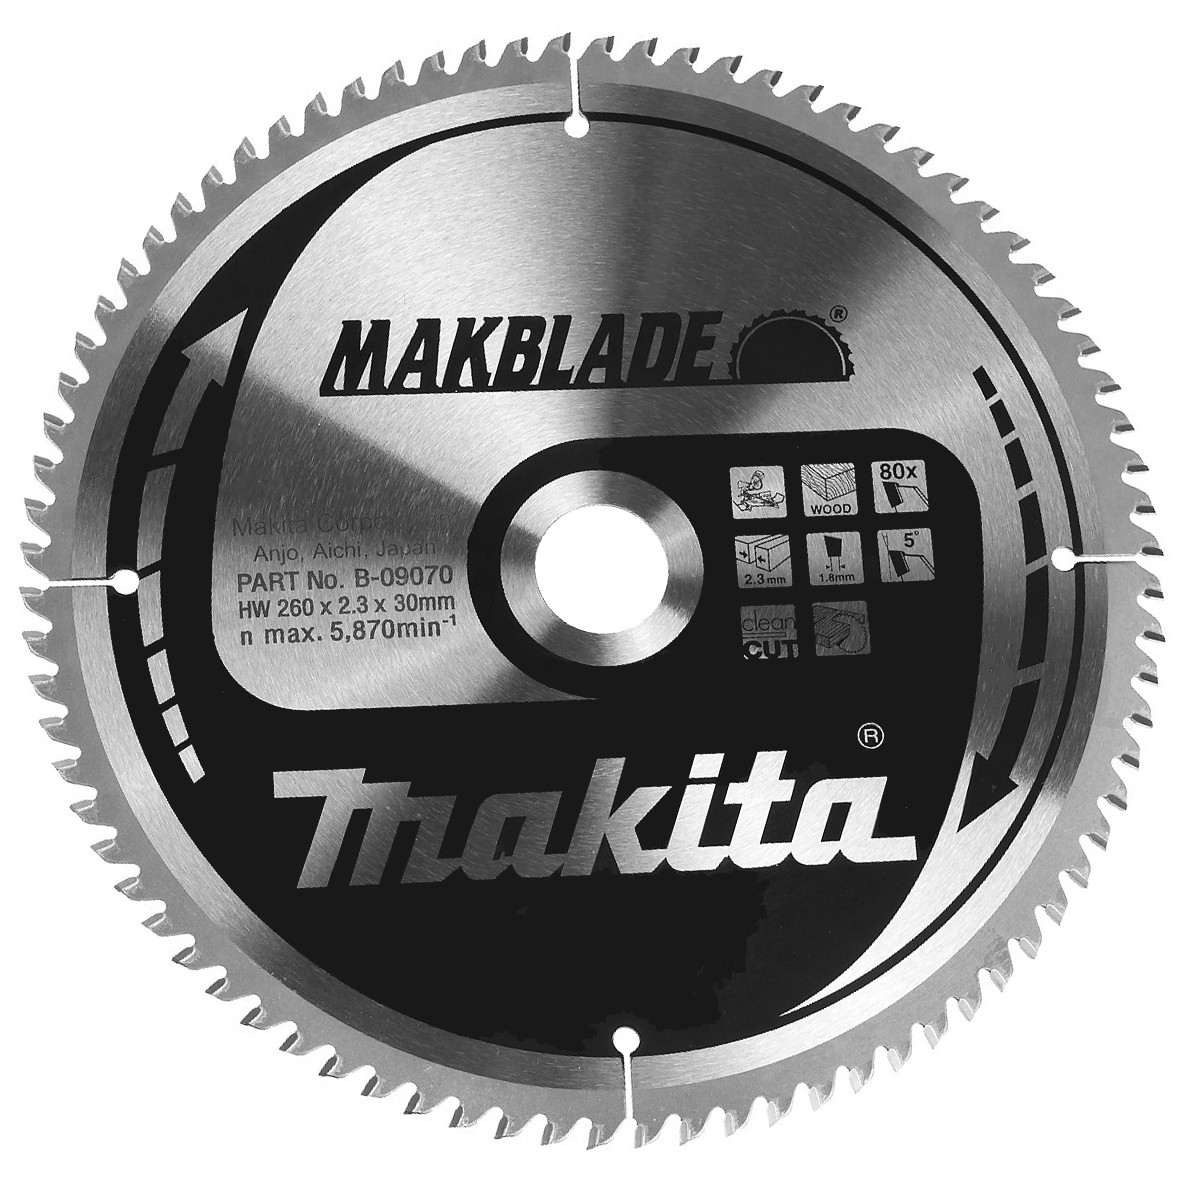 Пильный диск Makita MAKBlade 260 мм 80 зубьев (B-09070)